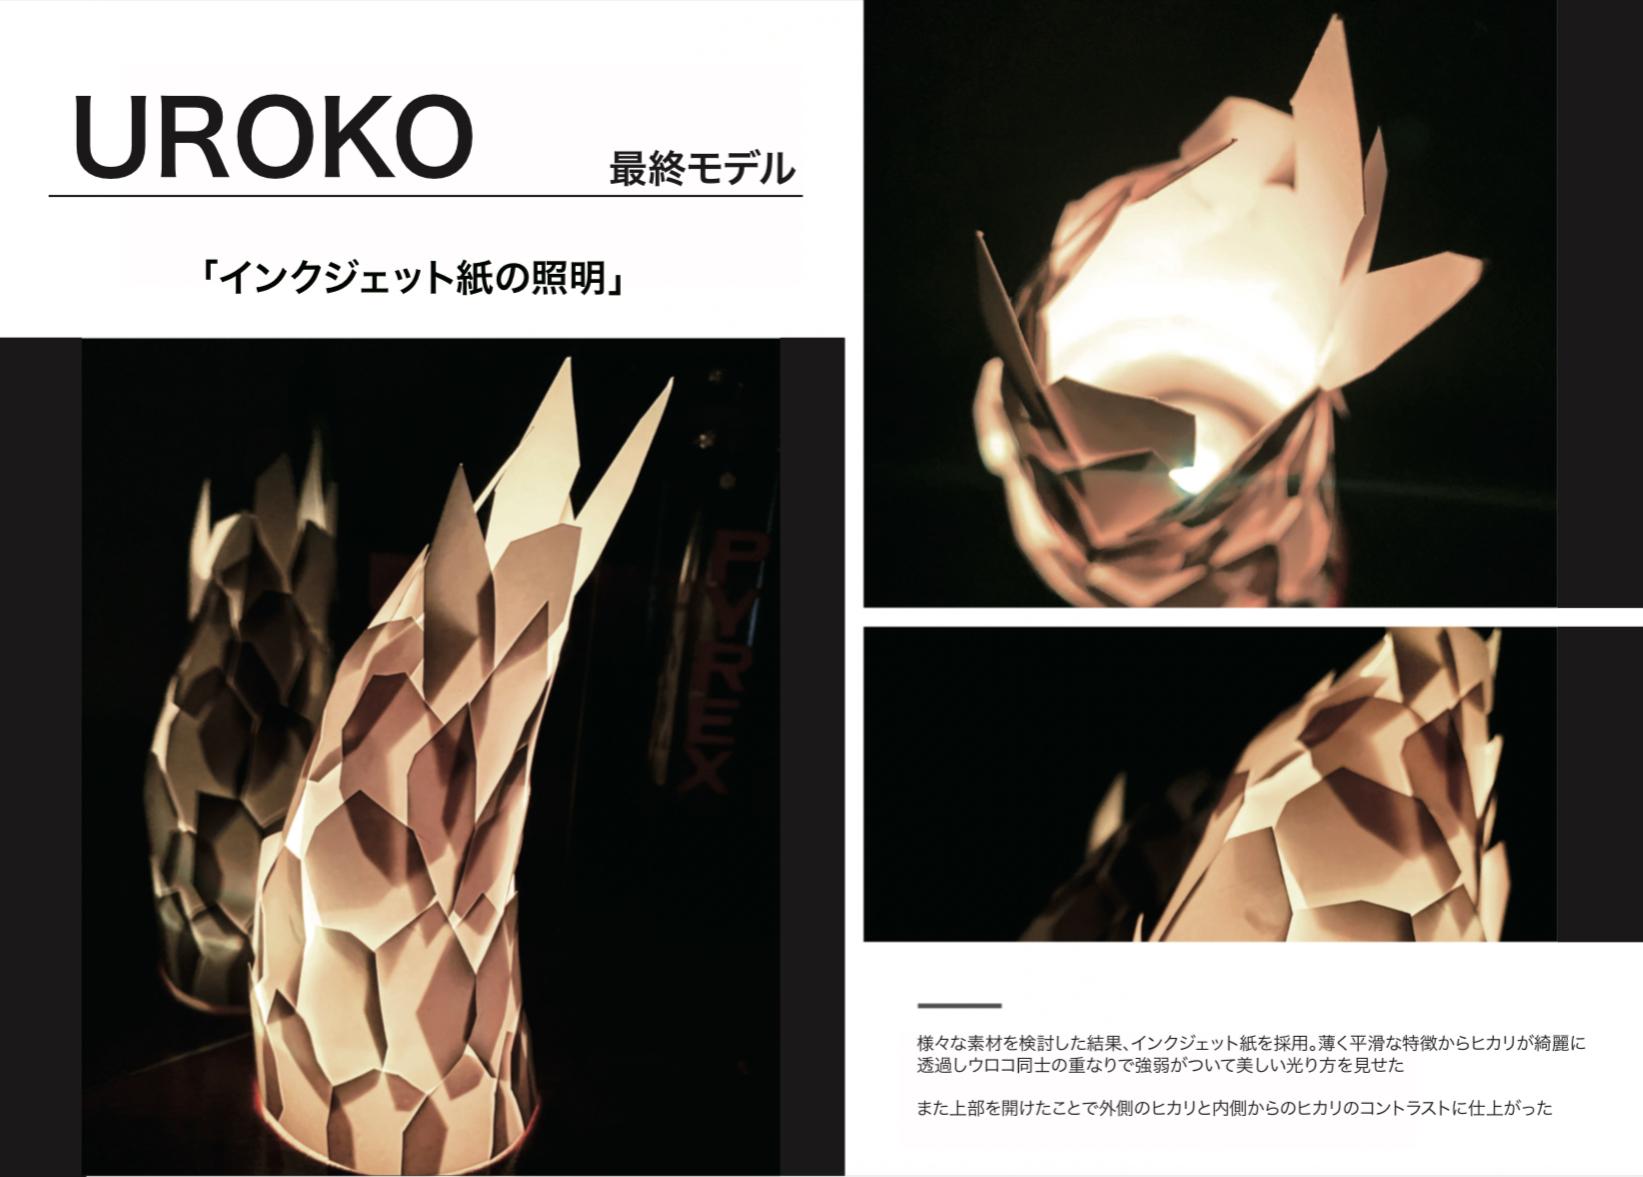 ウロコは光り方や透明度の点からインクジェット紙を選択。上部を開けた事で外側と内側のコントラストが生まれました。